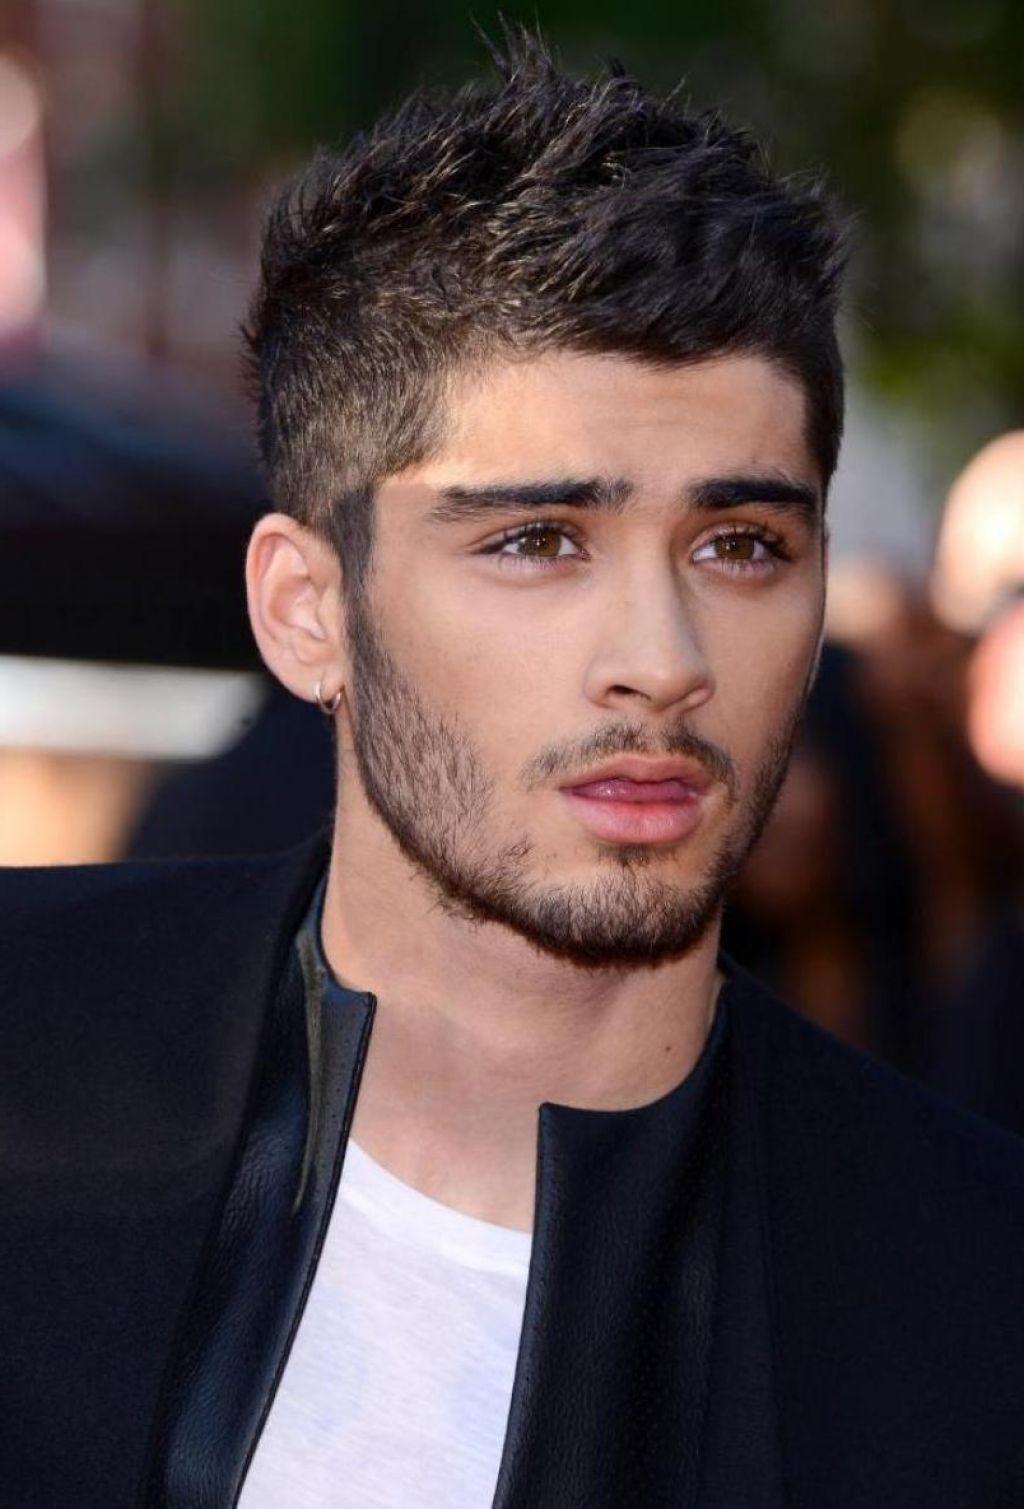 Zayn Malik Hairstyle Inspiration